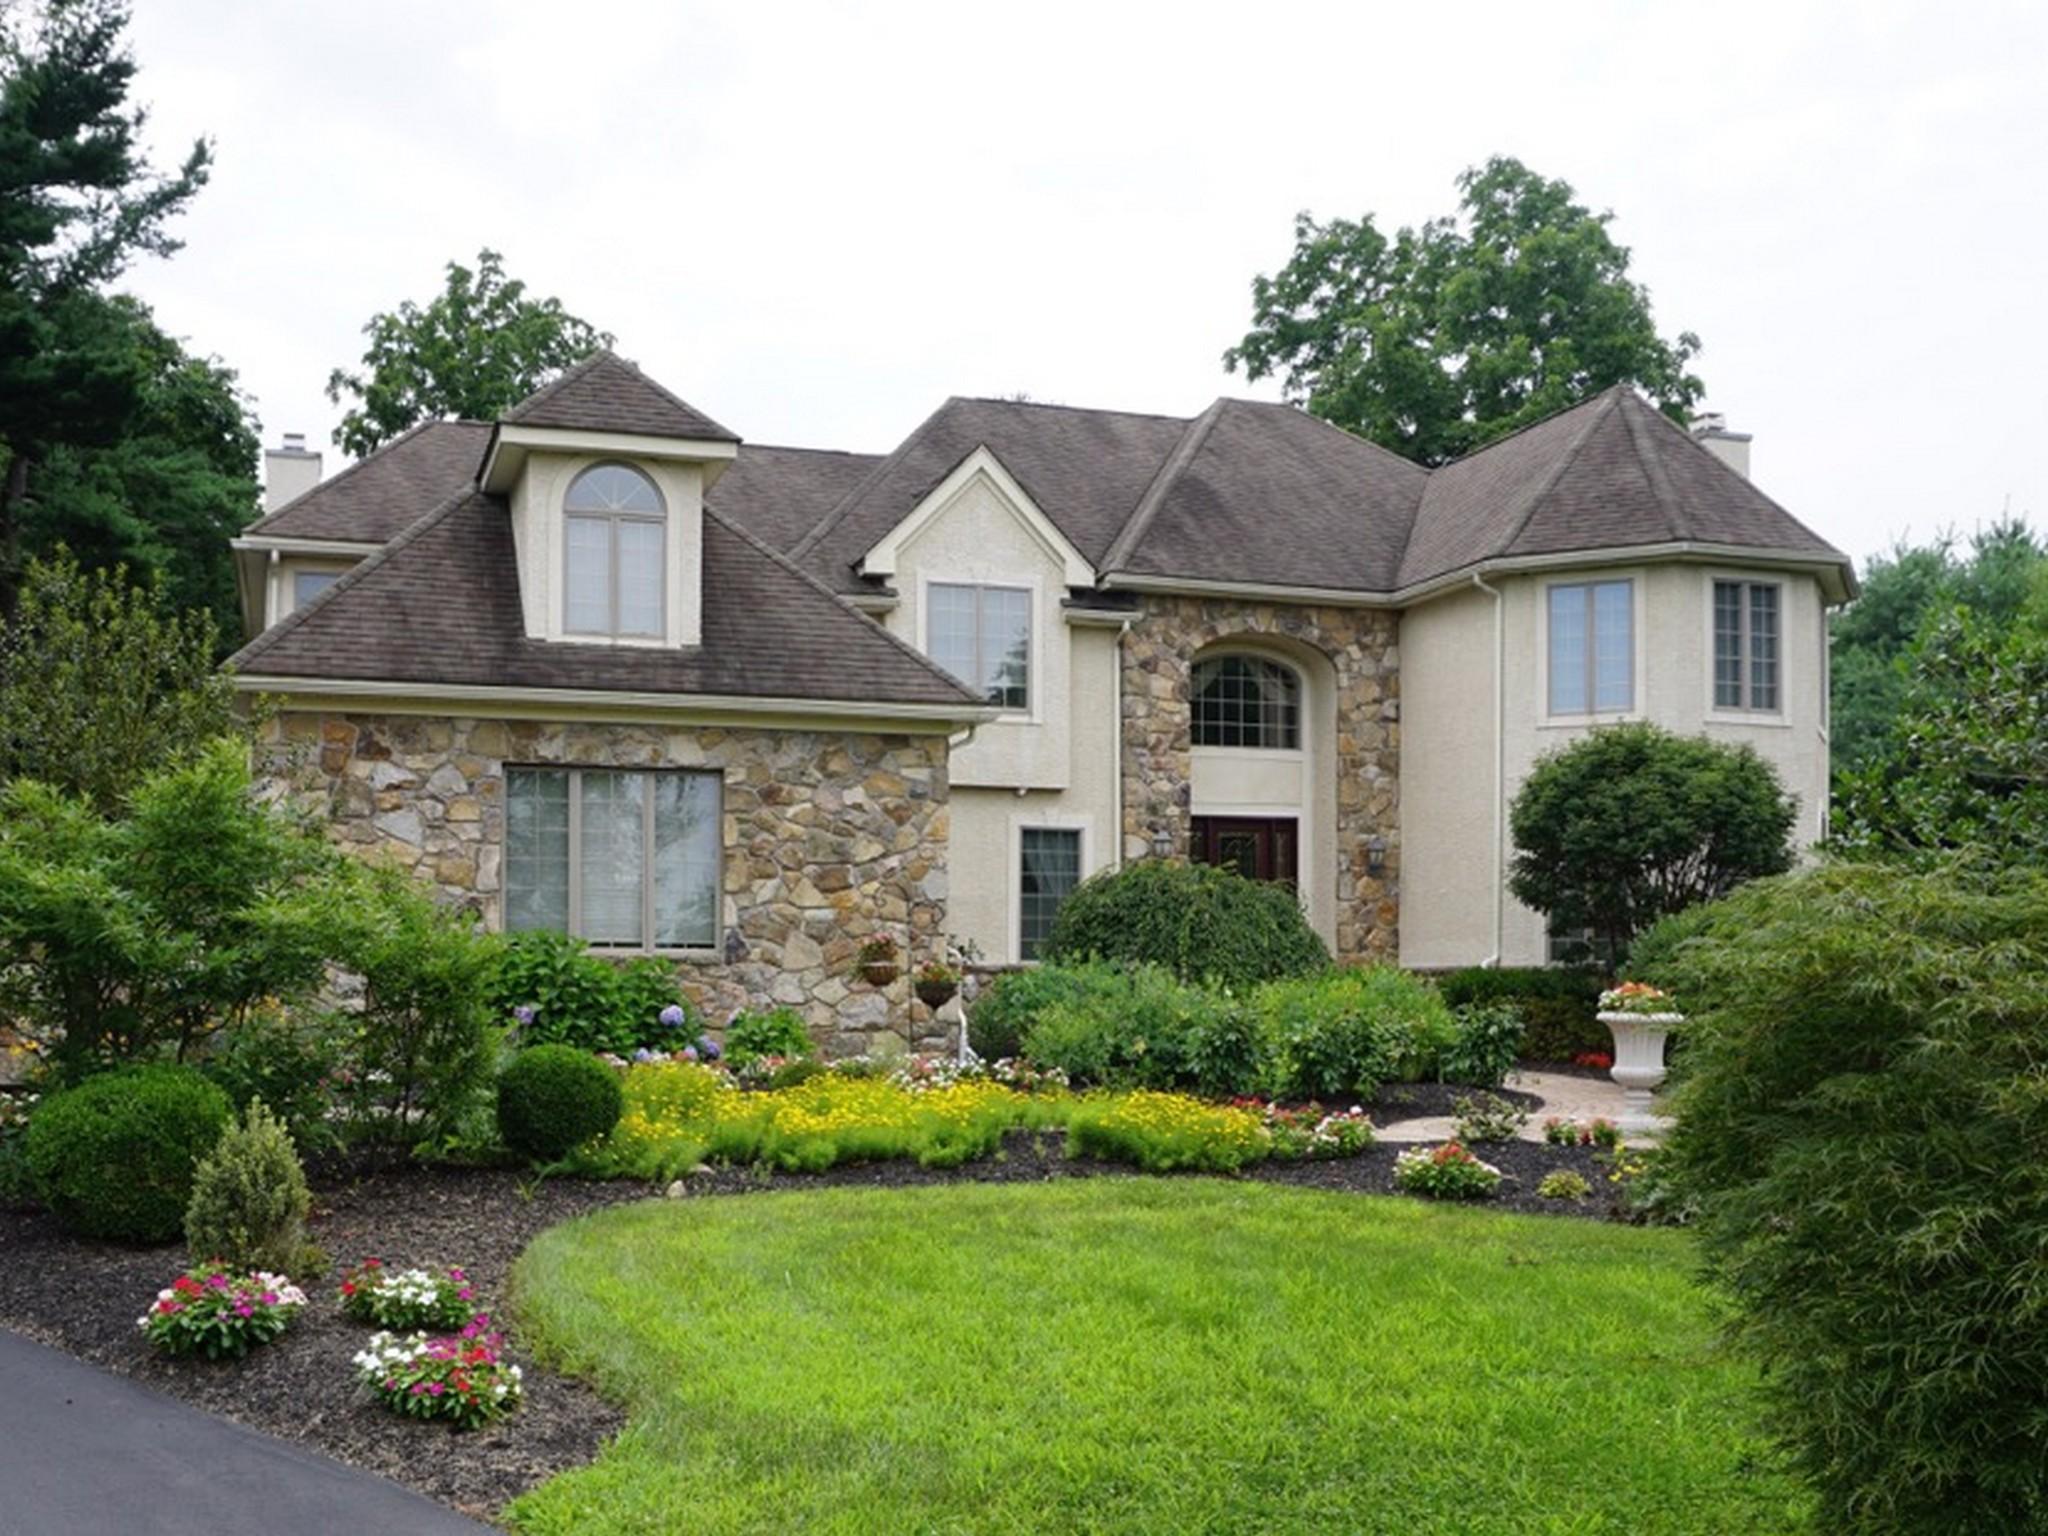 Maison unifamiliale pour l Vente à 160 Heyburn Rd Chadds Ford, Pennsylvanie 19317 États-Unis